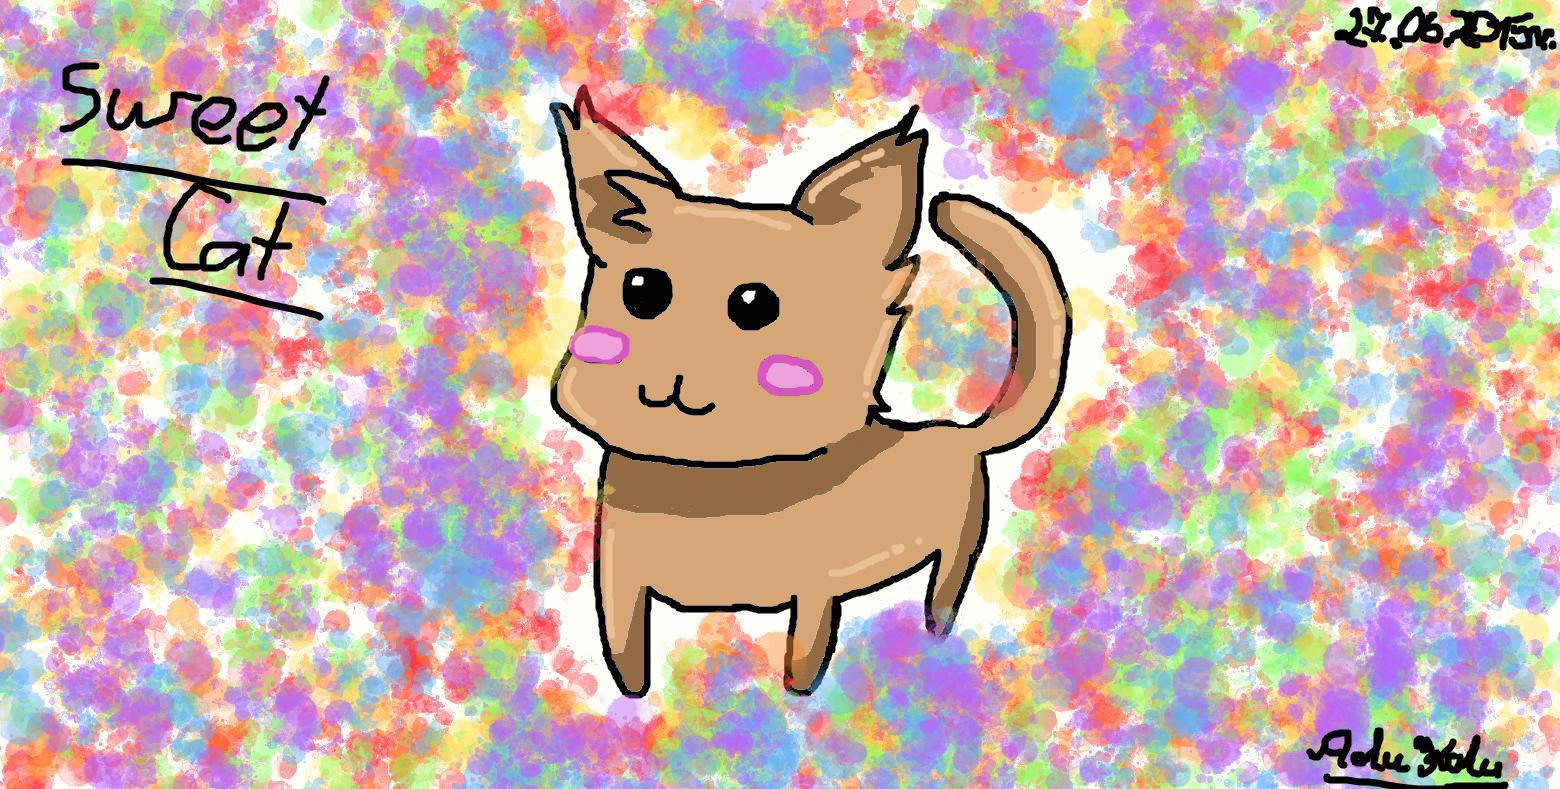 Sweet Cat by AdaKola